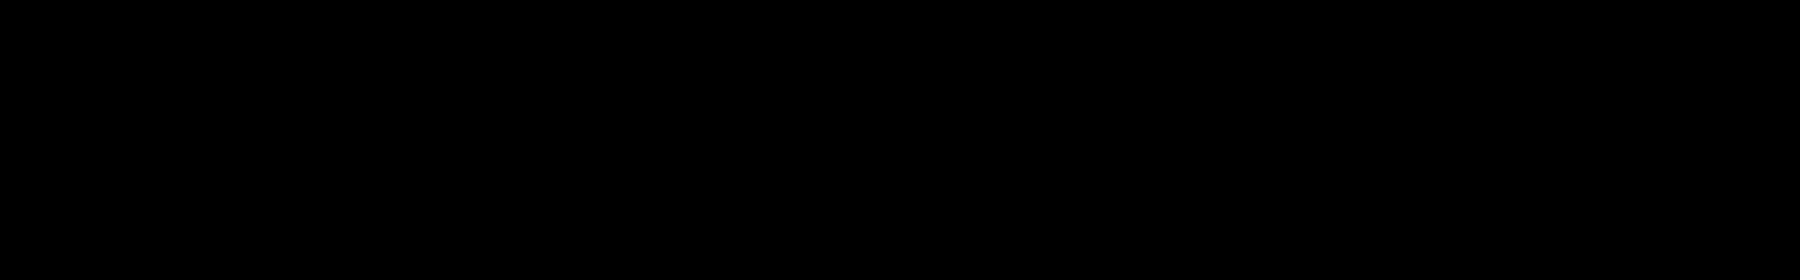 FOCUS: Dark Techno audio waveform